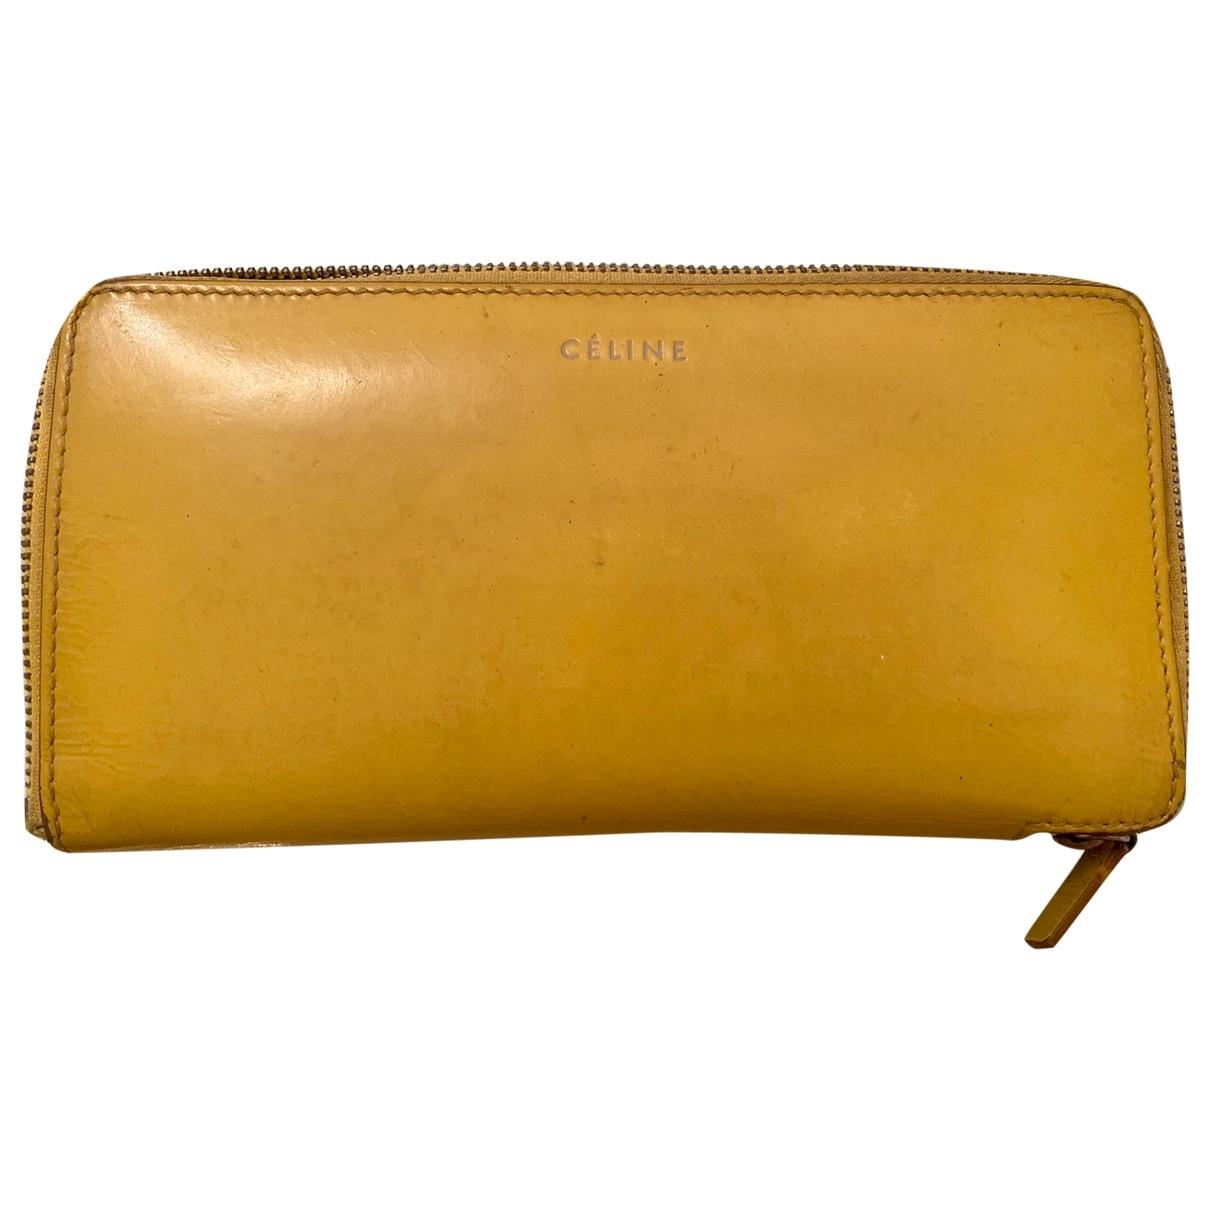 Celine - Portefeuille   pour femme en cuir - jaune